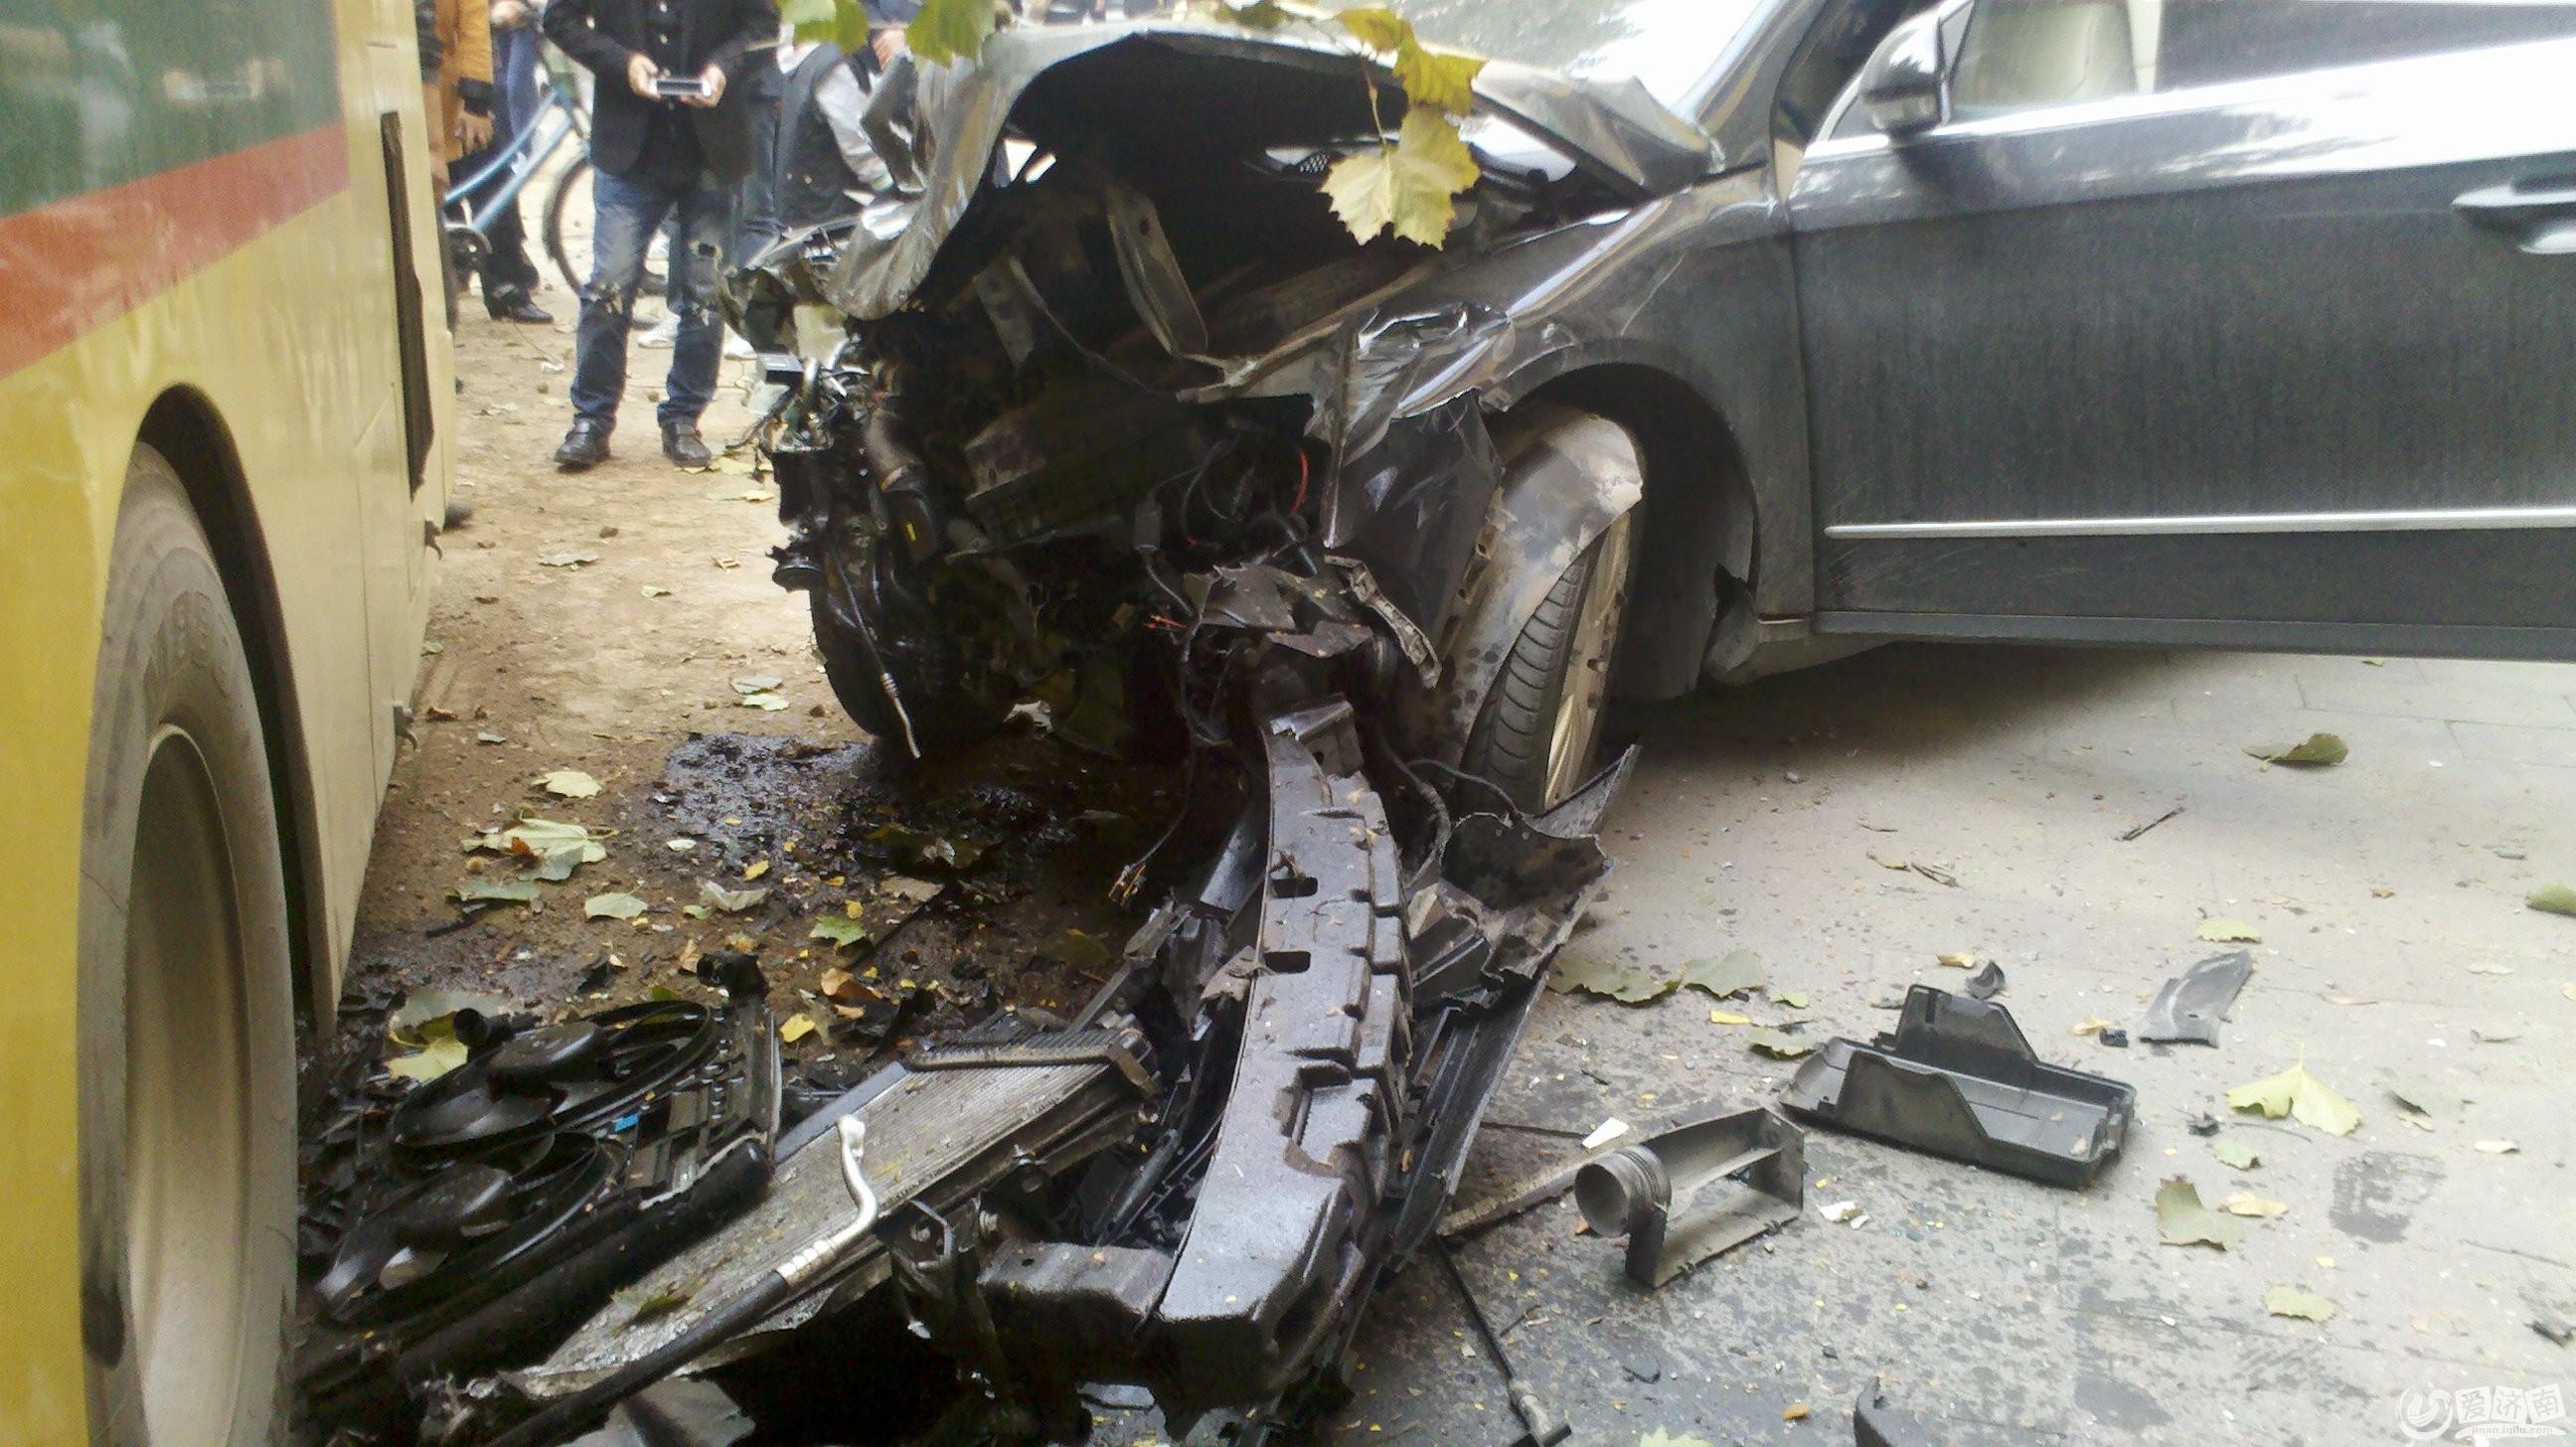 轿车被撞,受损严重 车祸 济南公交撞飞大树 报销两辆轿车